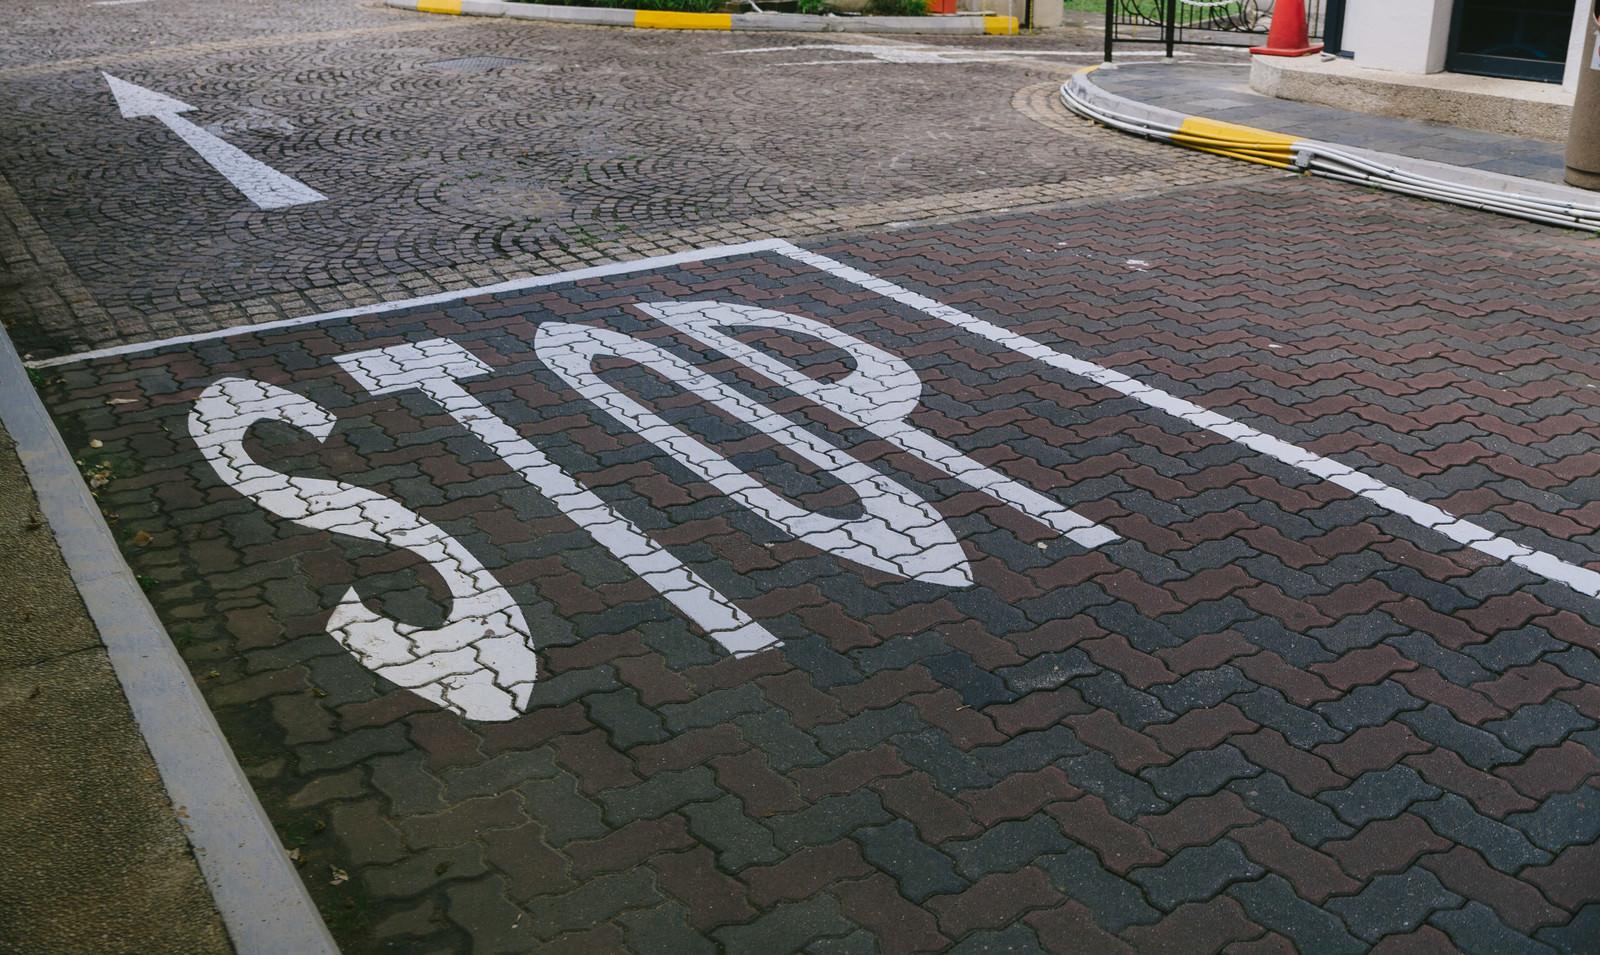 「STOPの道路表示STOPの道路表示」のフリー写真素材を拡大